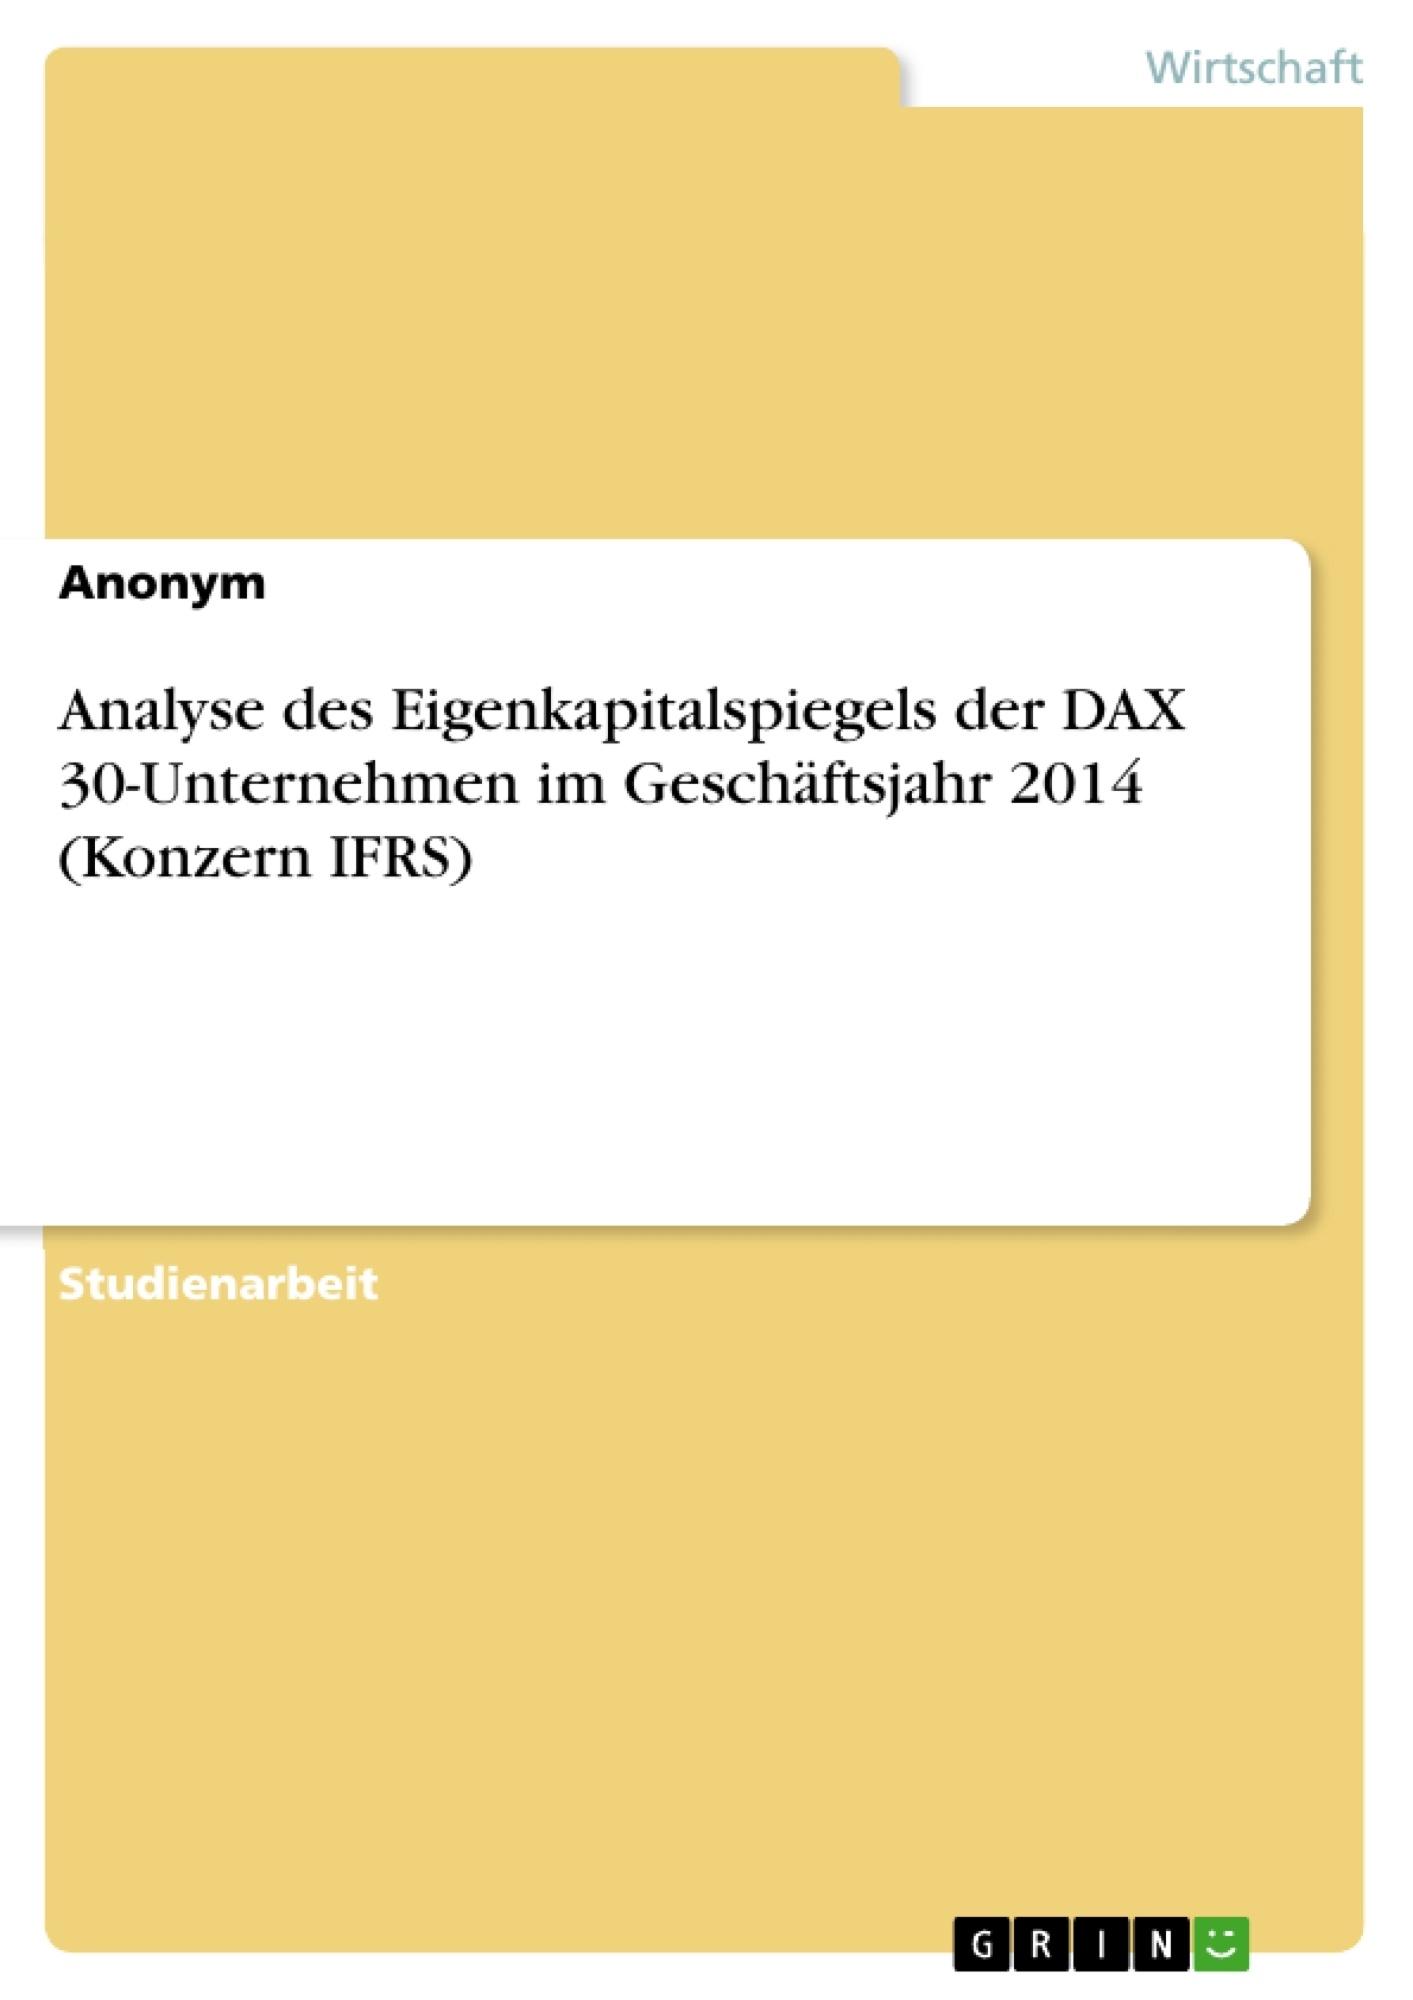 Titel: Analyse des Eigenkapitalspiegels der DAX 30-Unternehmen im Geschäftsjahr 2014 (Konzern IFRS)